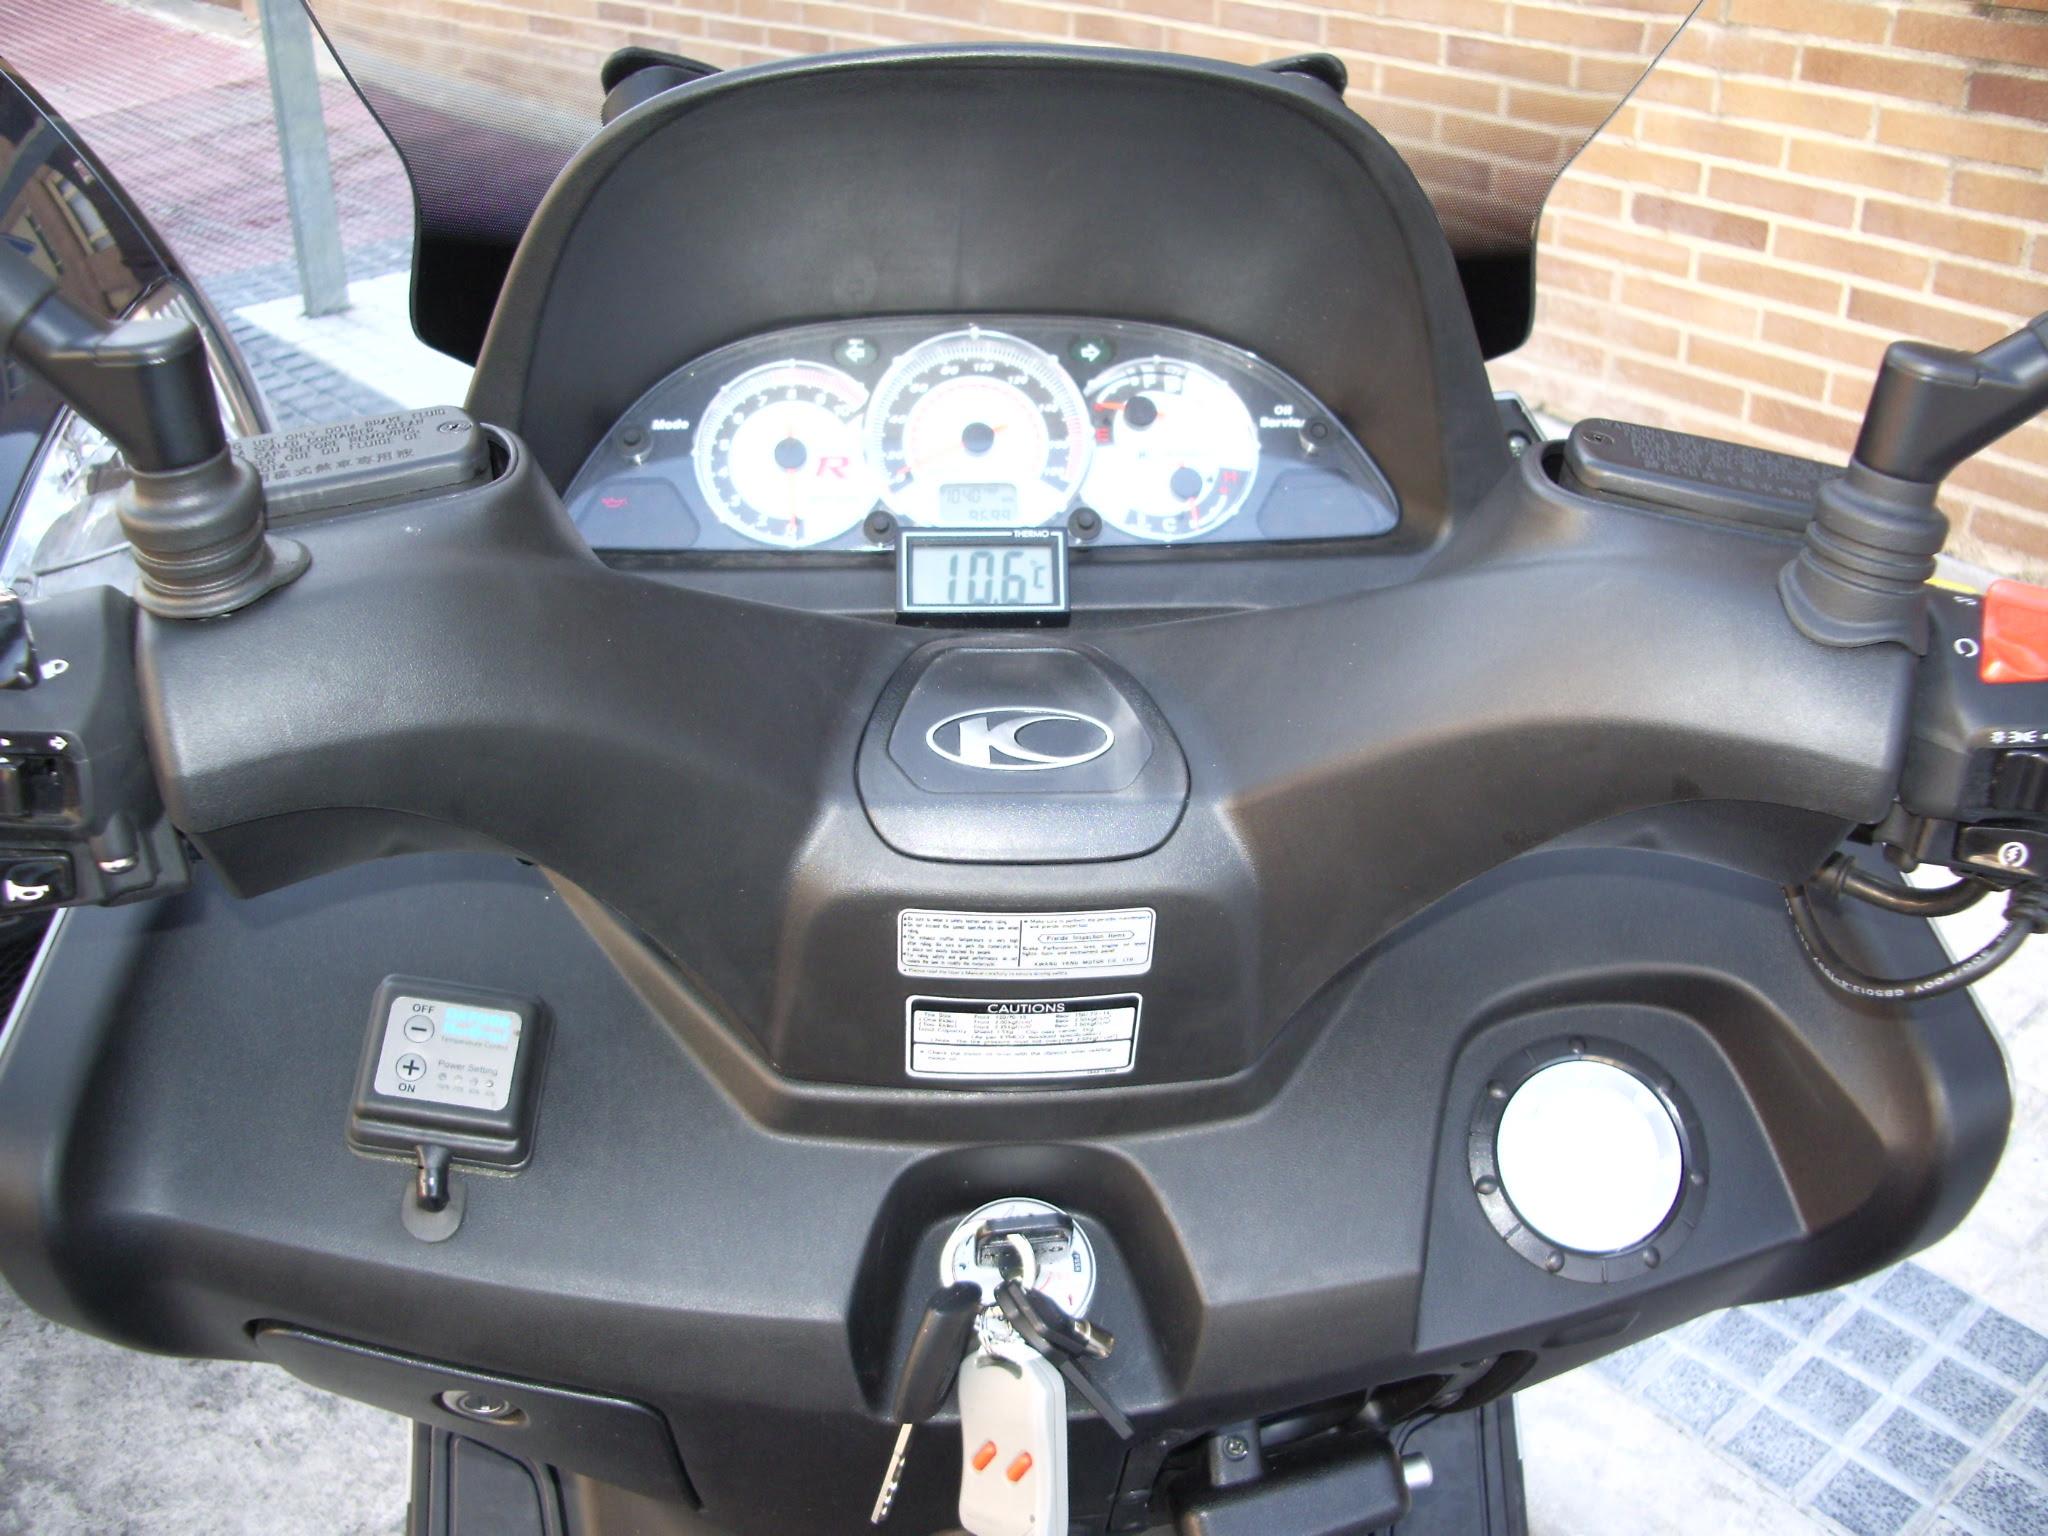 Sistemas alarmas termometro moto exterior - Termometro interior exterior ...